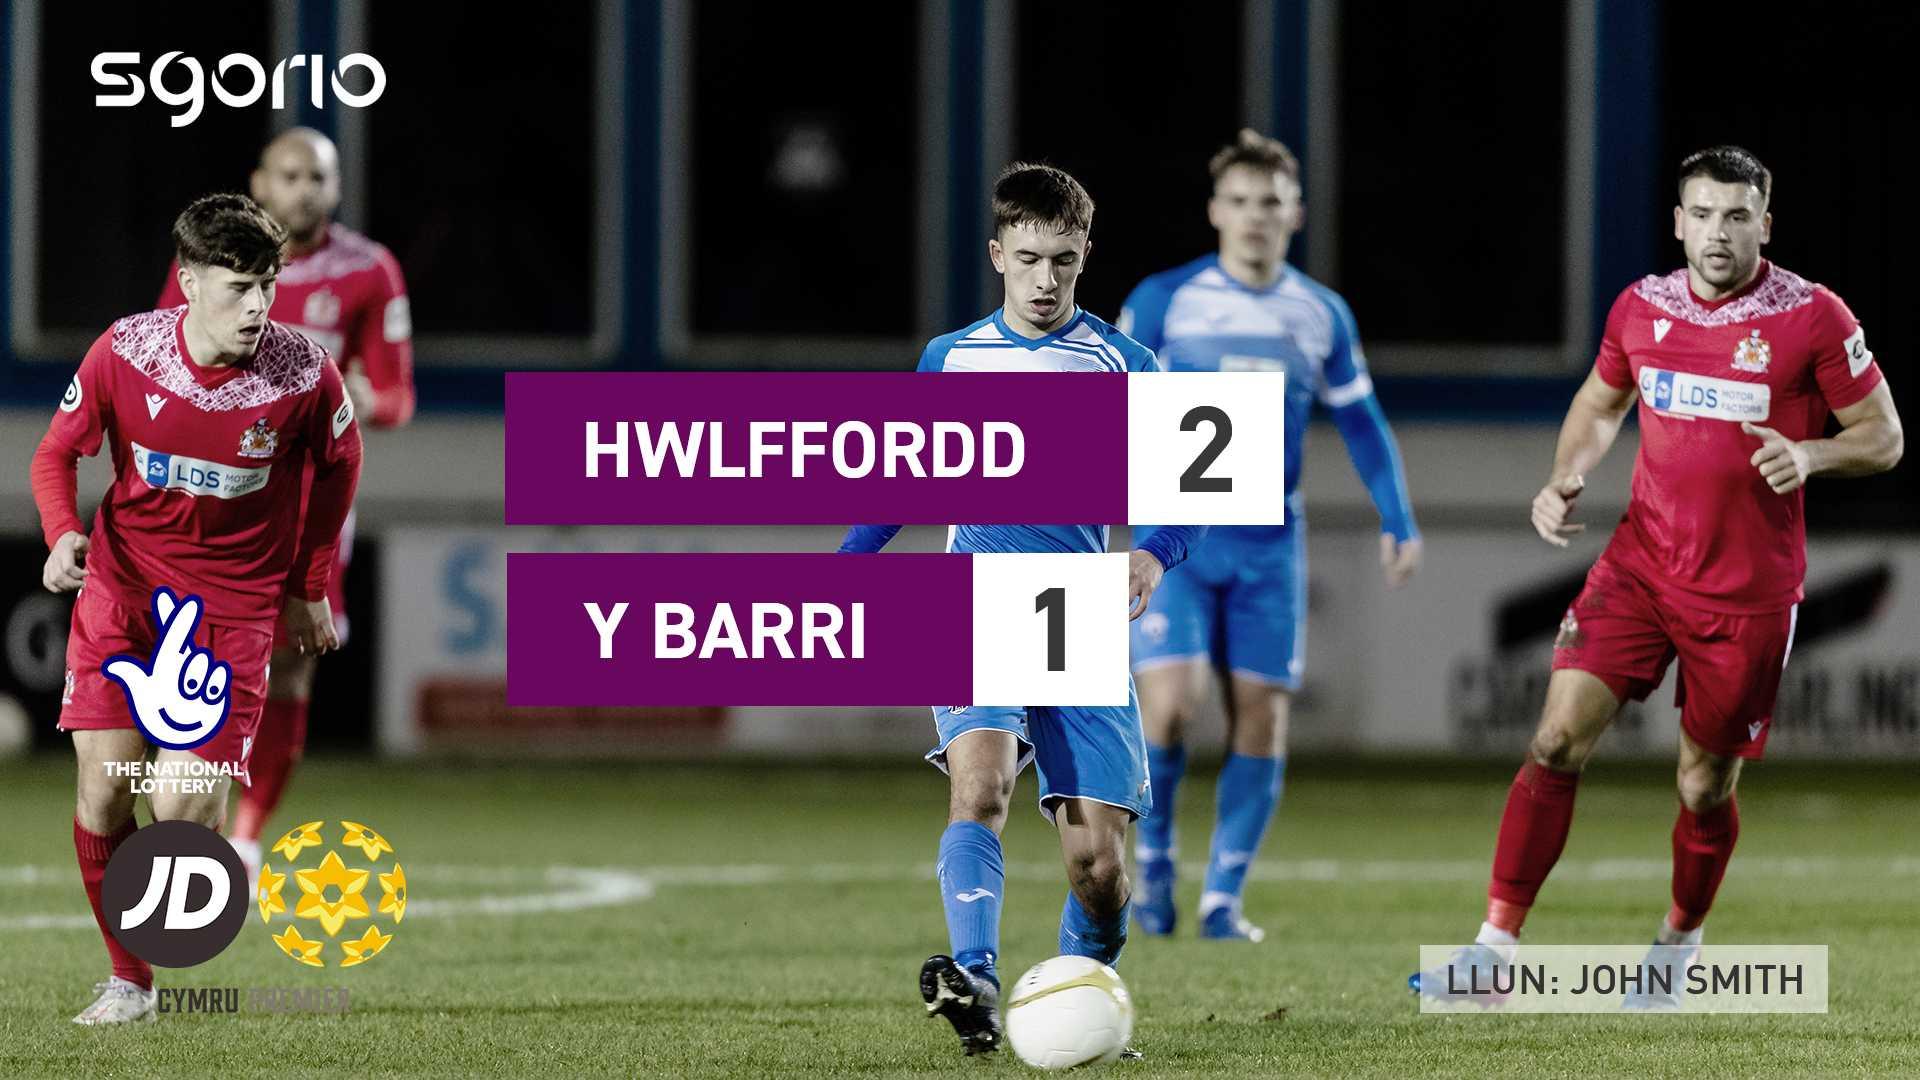 Hwlffordd 2-1 Y Barri